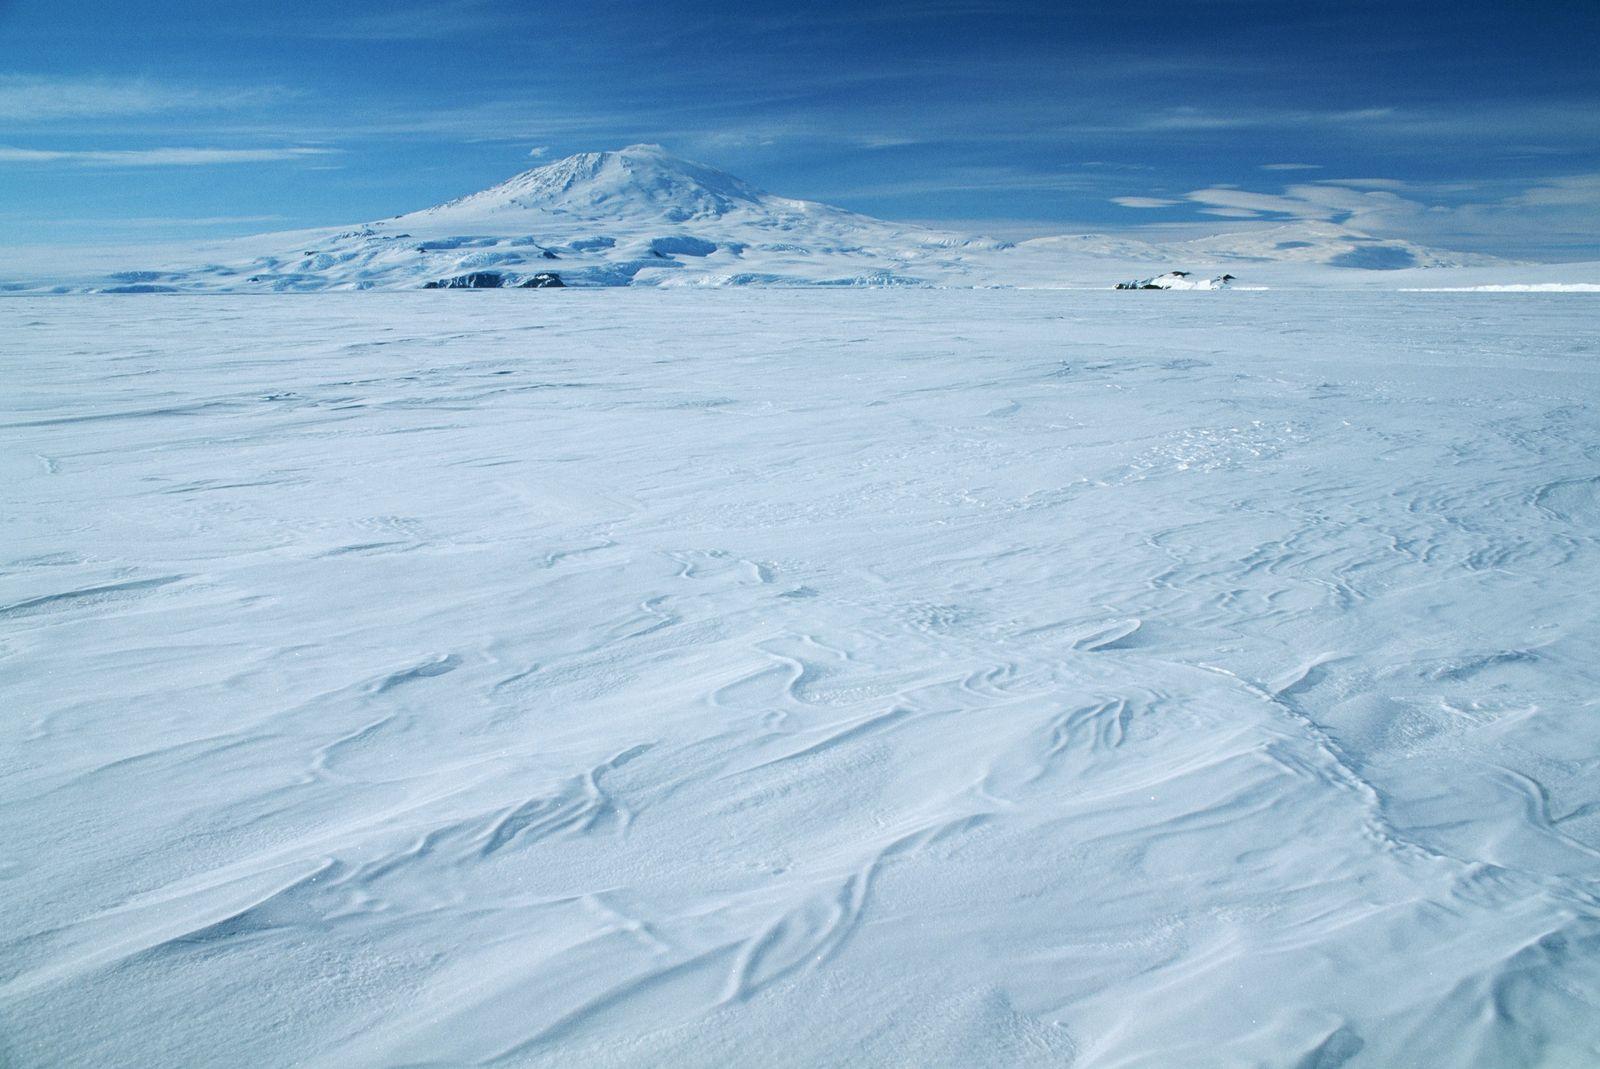 NICHT MEHR VERWENDEN! - Lauf-Orte/ Antarktis